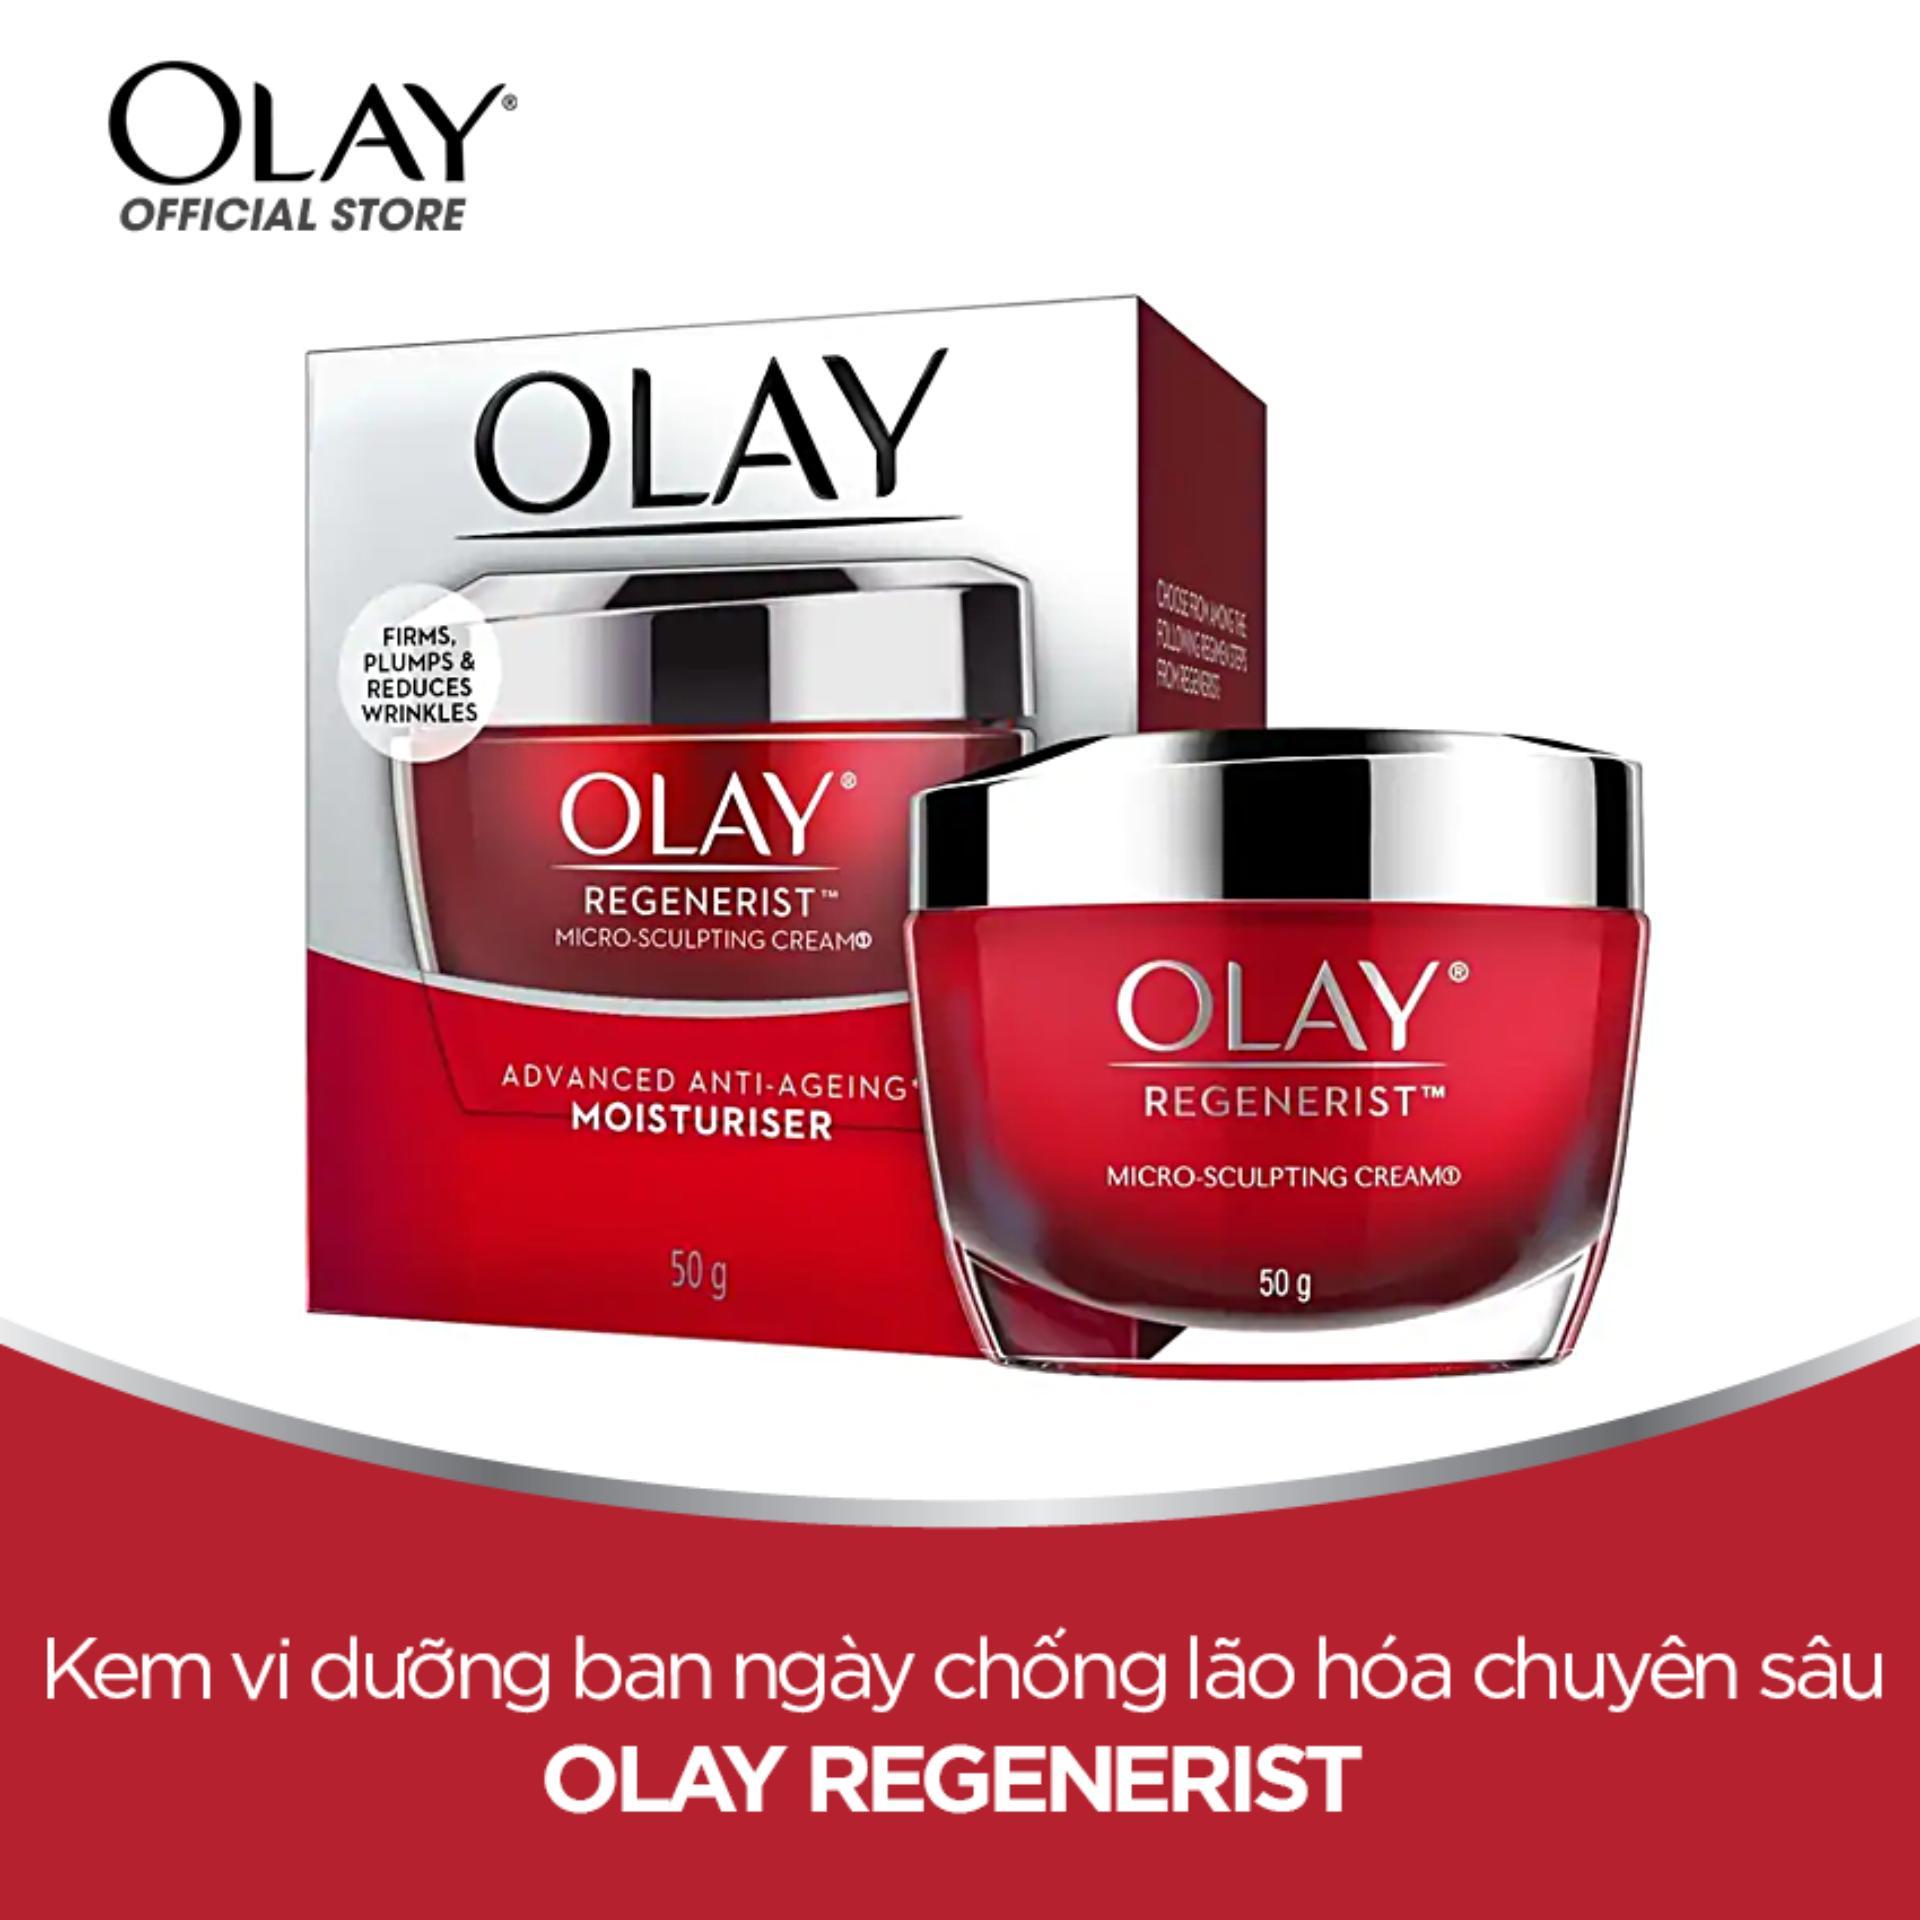 Kem dưỡng ẩm ban ngày chống lão hóa Olay Regenerist Micro Sculpting Cream 50g nhập khẩu